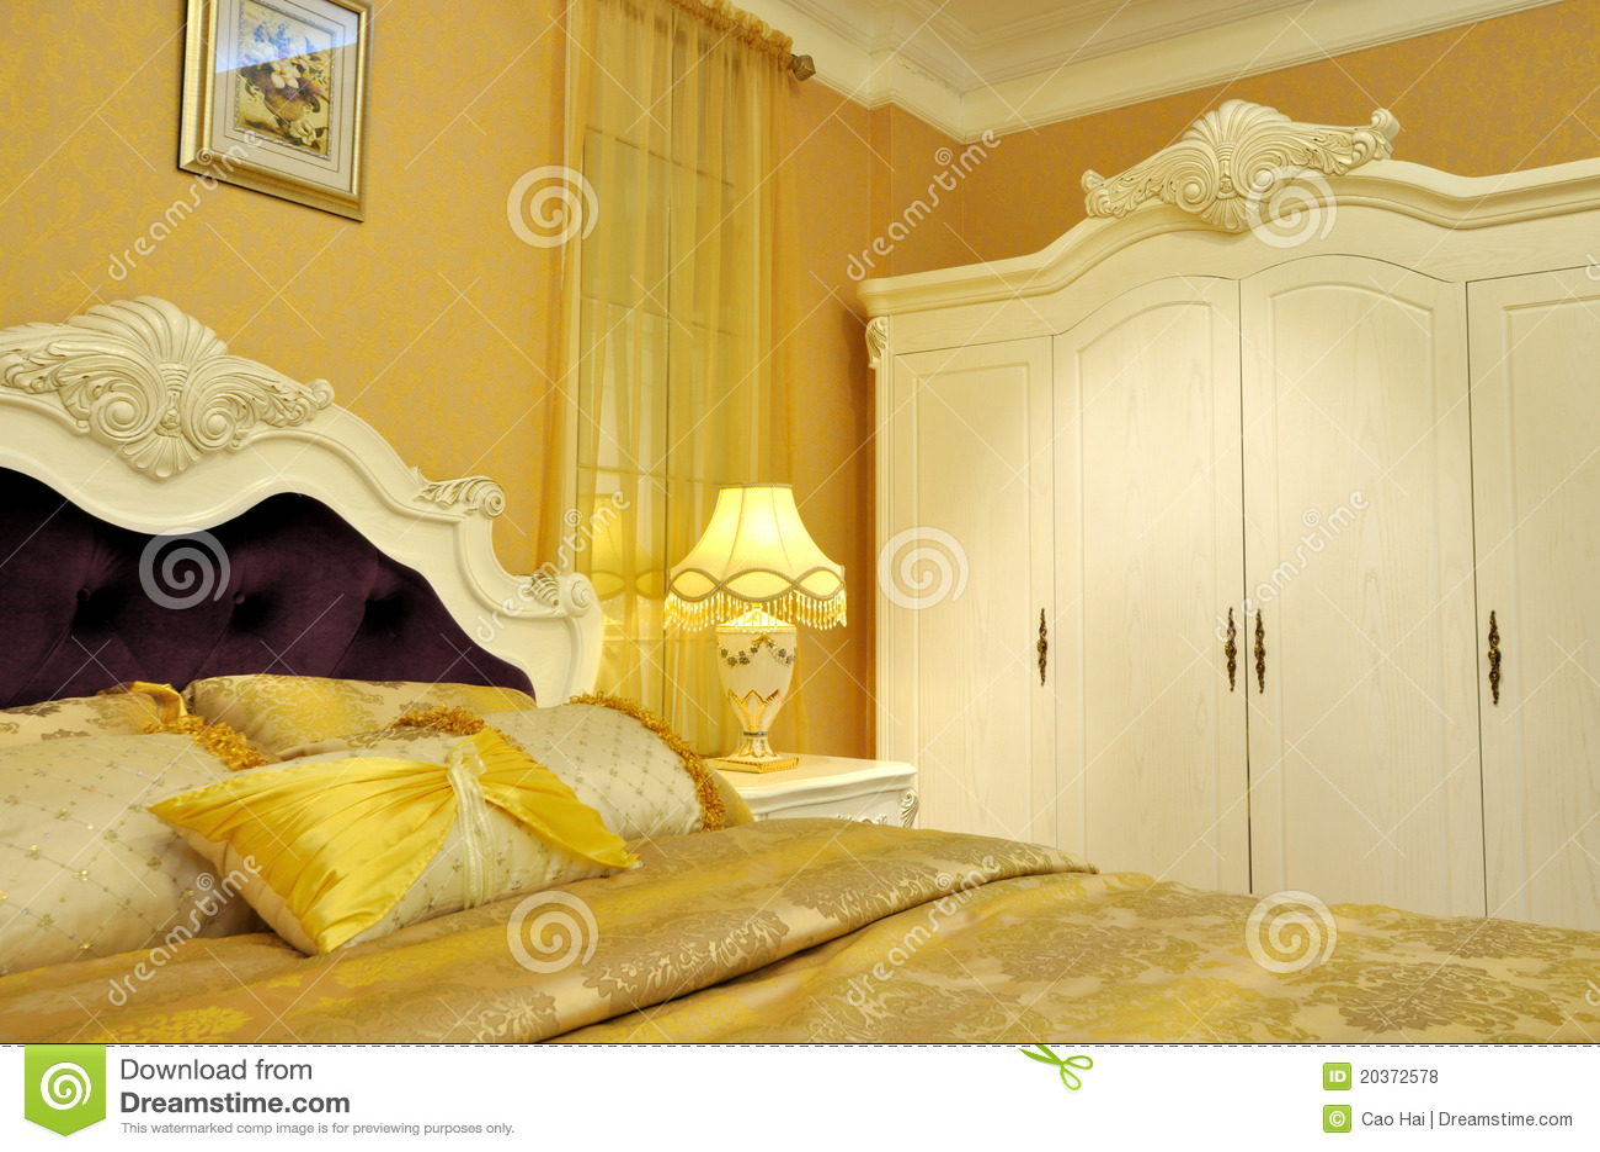 Camera Da Letto Giallo : La camera da letto rldj giallo viola o ecco i colori ideali per la